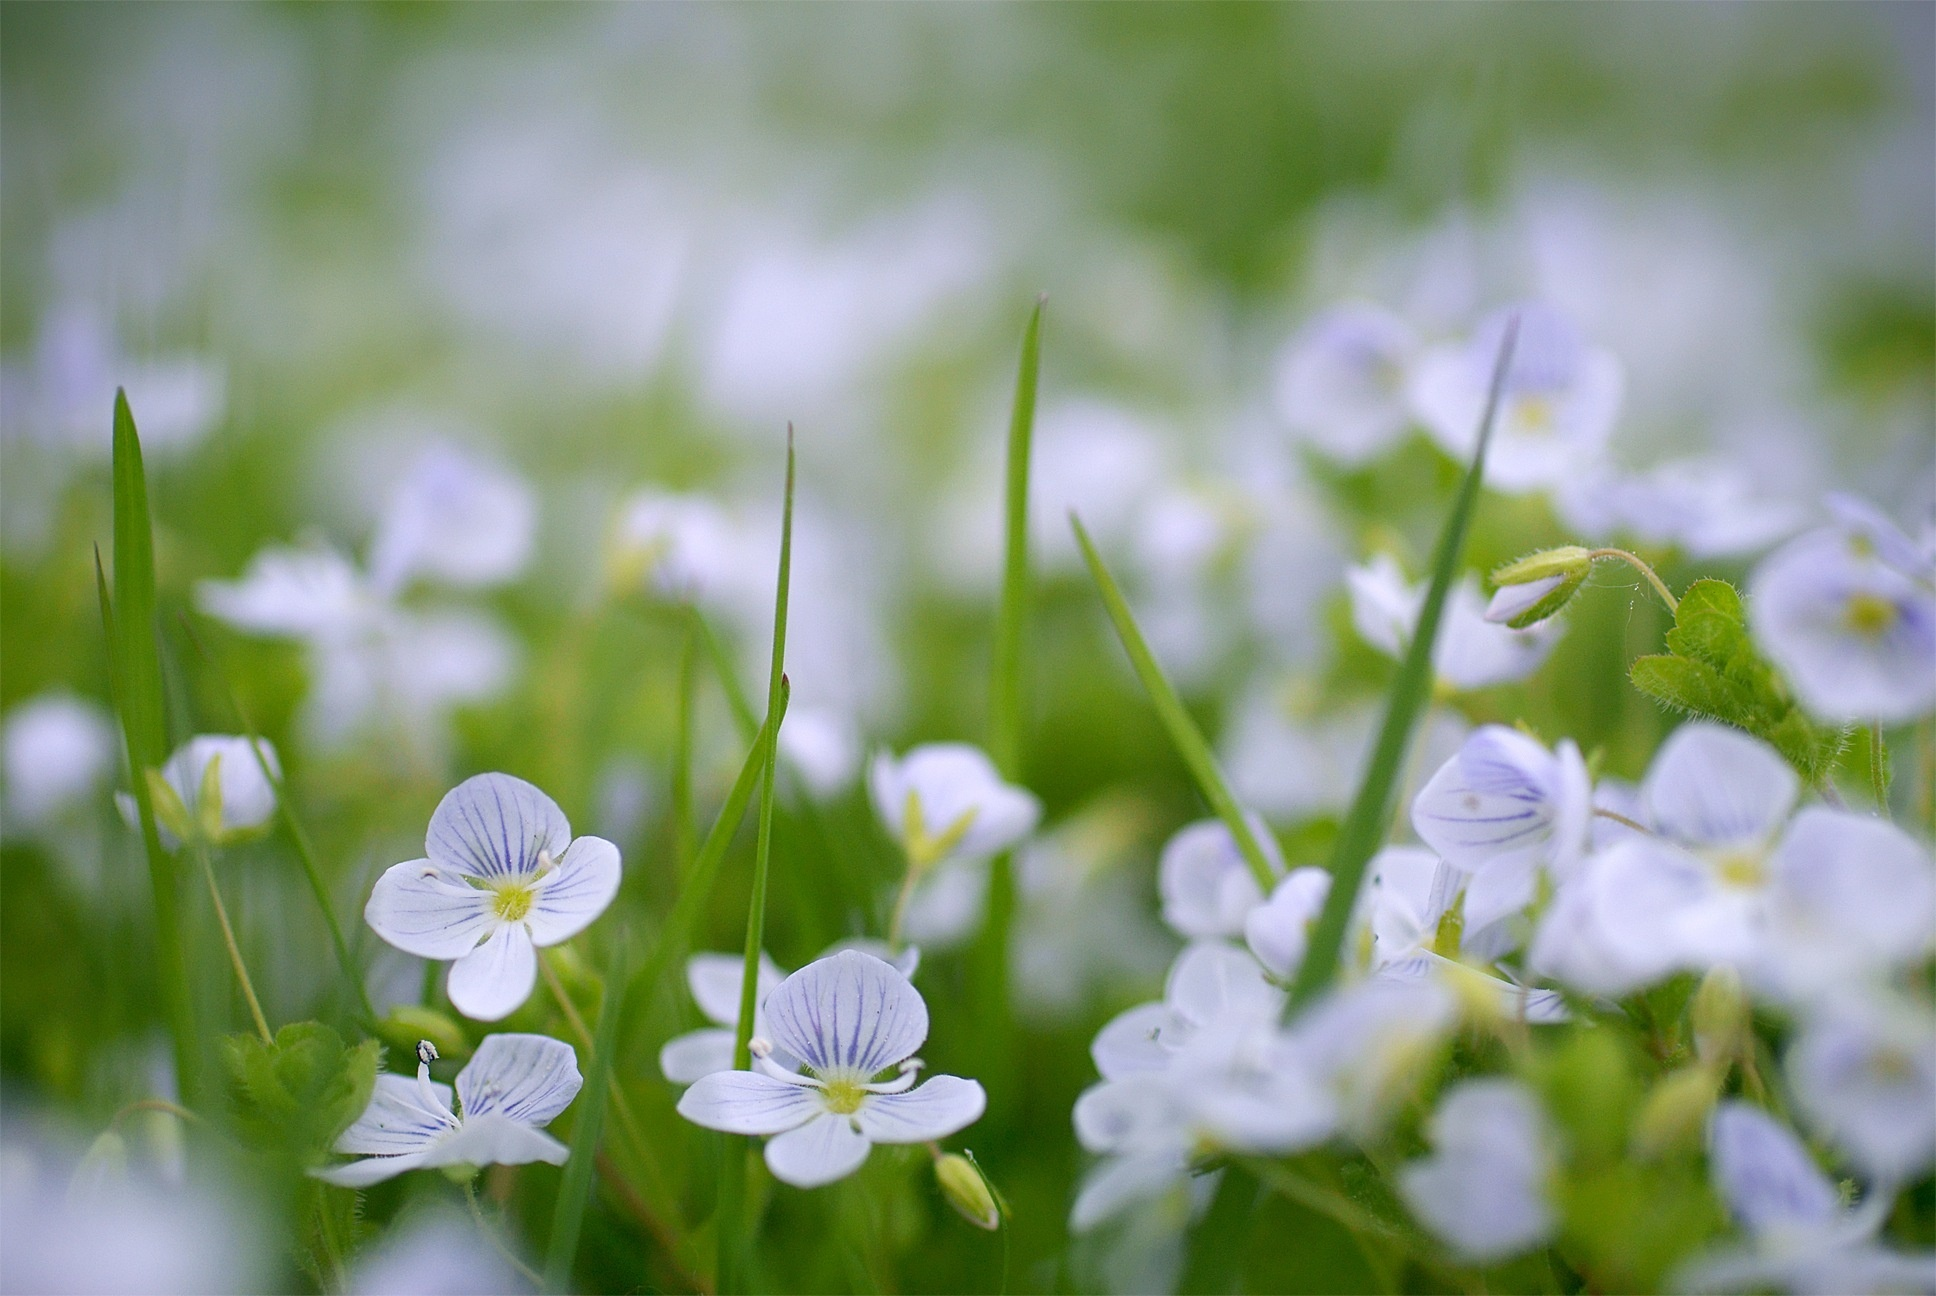 Удивительная и красивая подборка картинок Весна - 25 фото 23